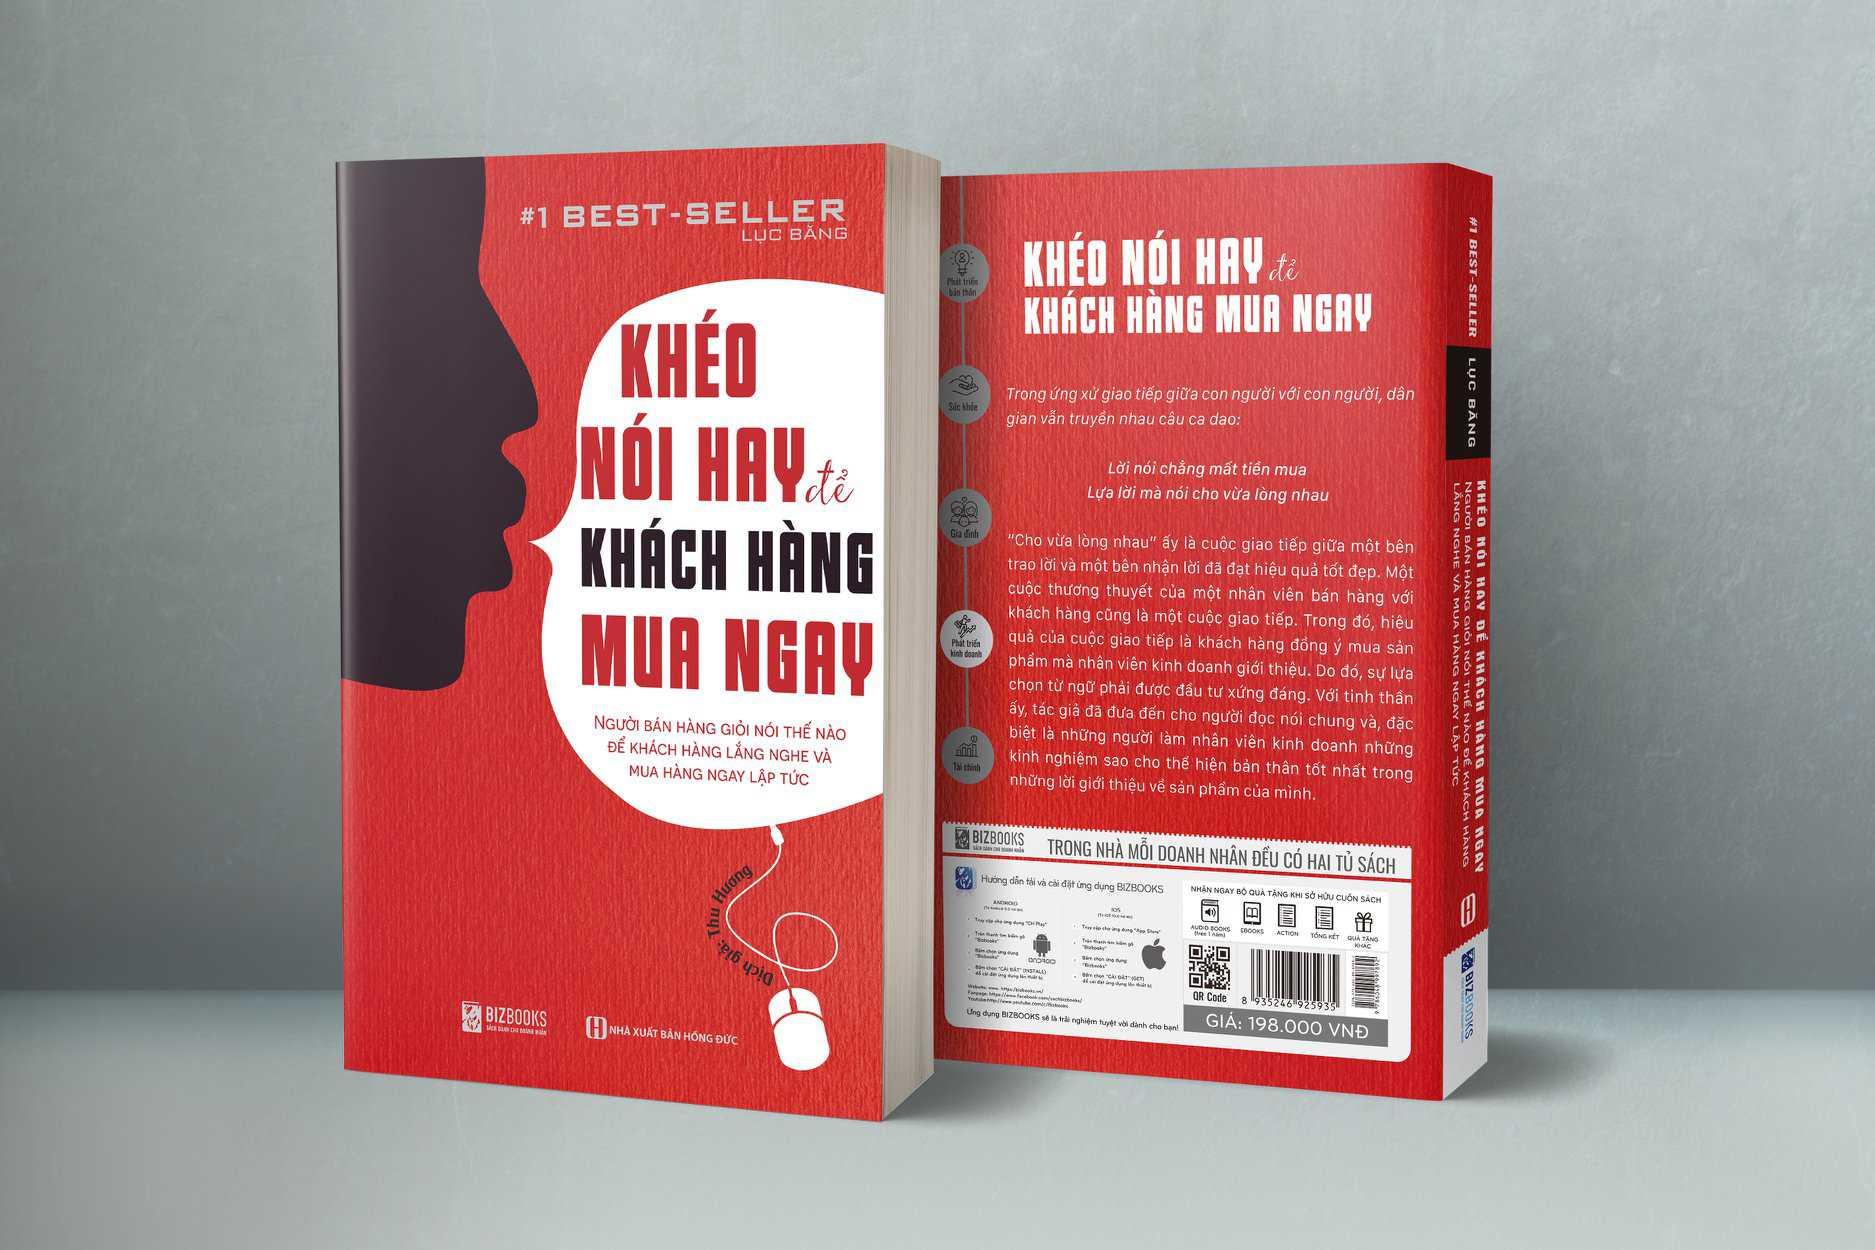 Review sách Khéo nói hay để khách hàng mua ngay